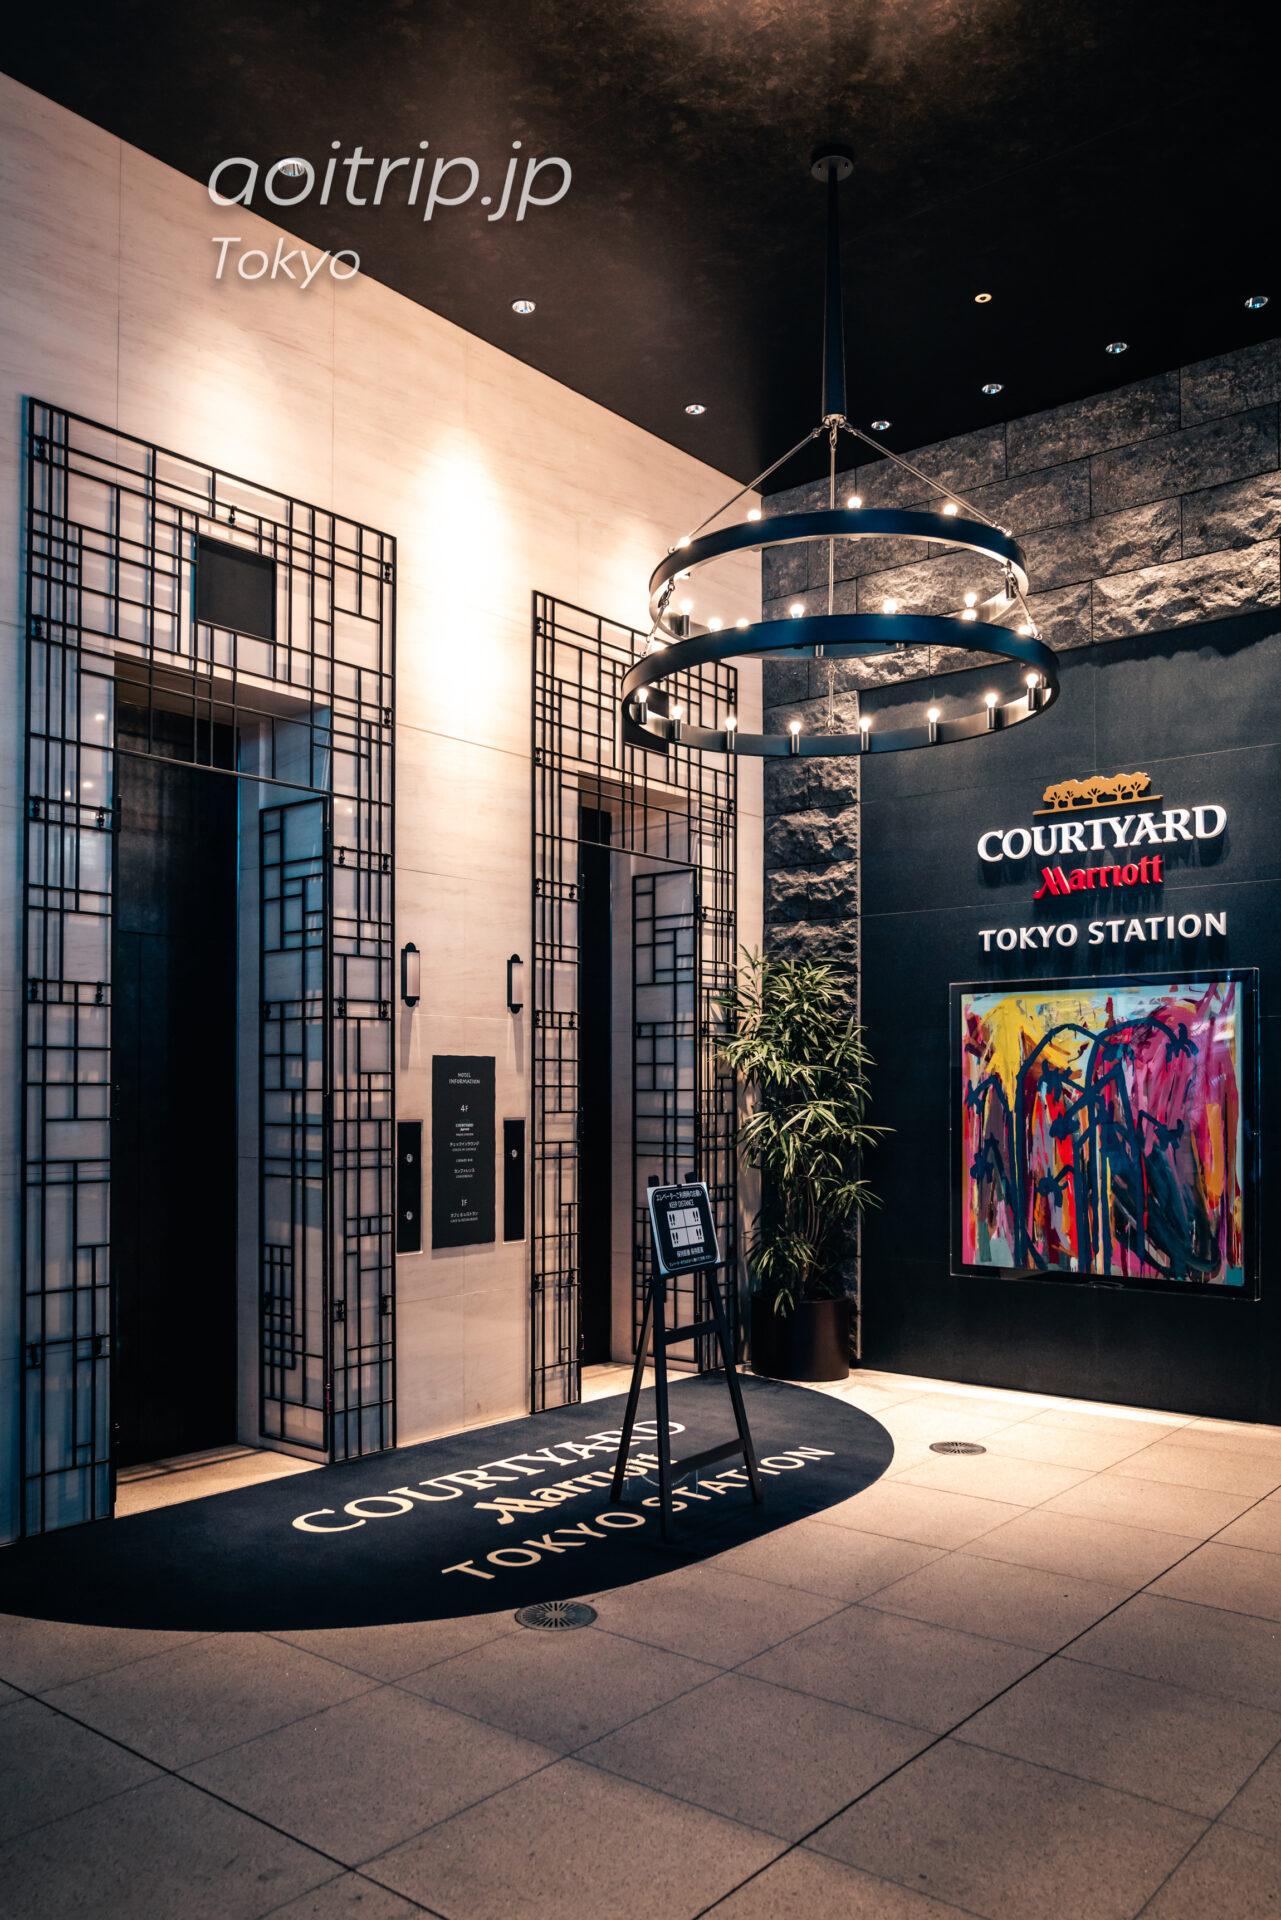 コートヤード バイ マリオット東京ステーションのホテルエントランス